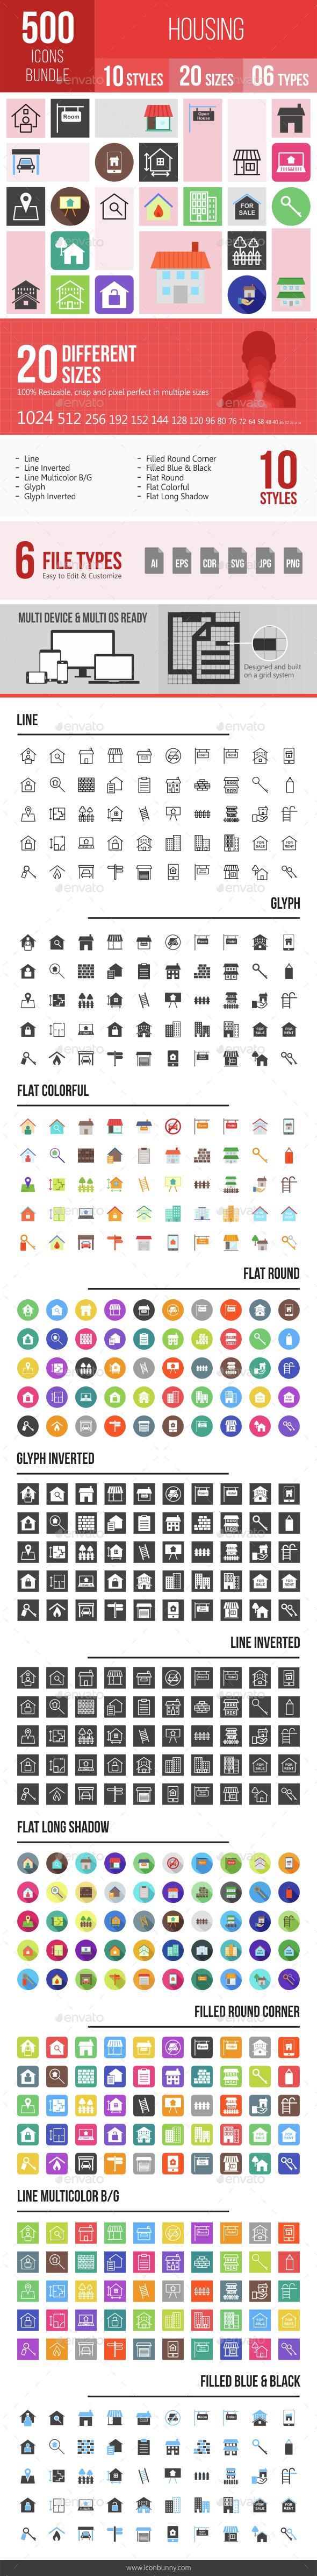 500 Housing Icons Bundle - Icons